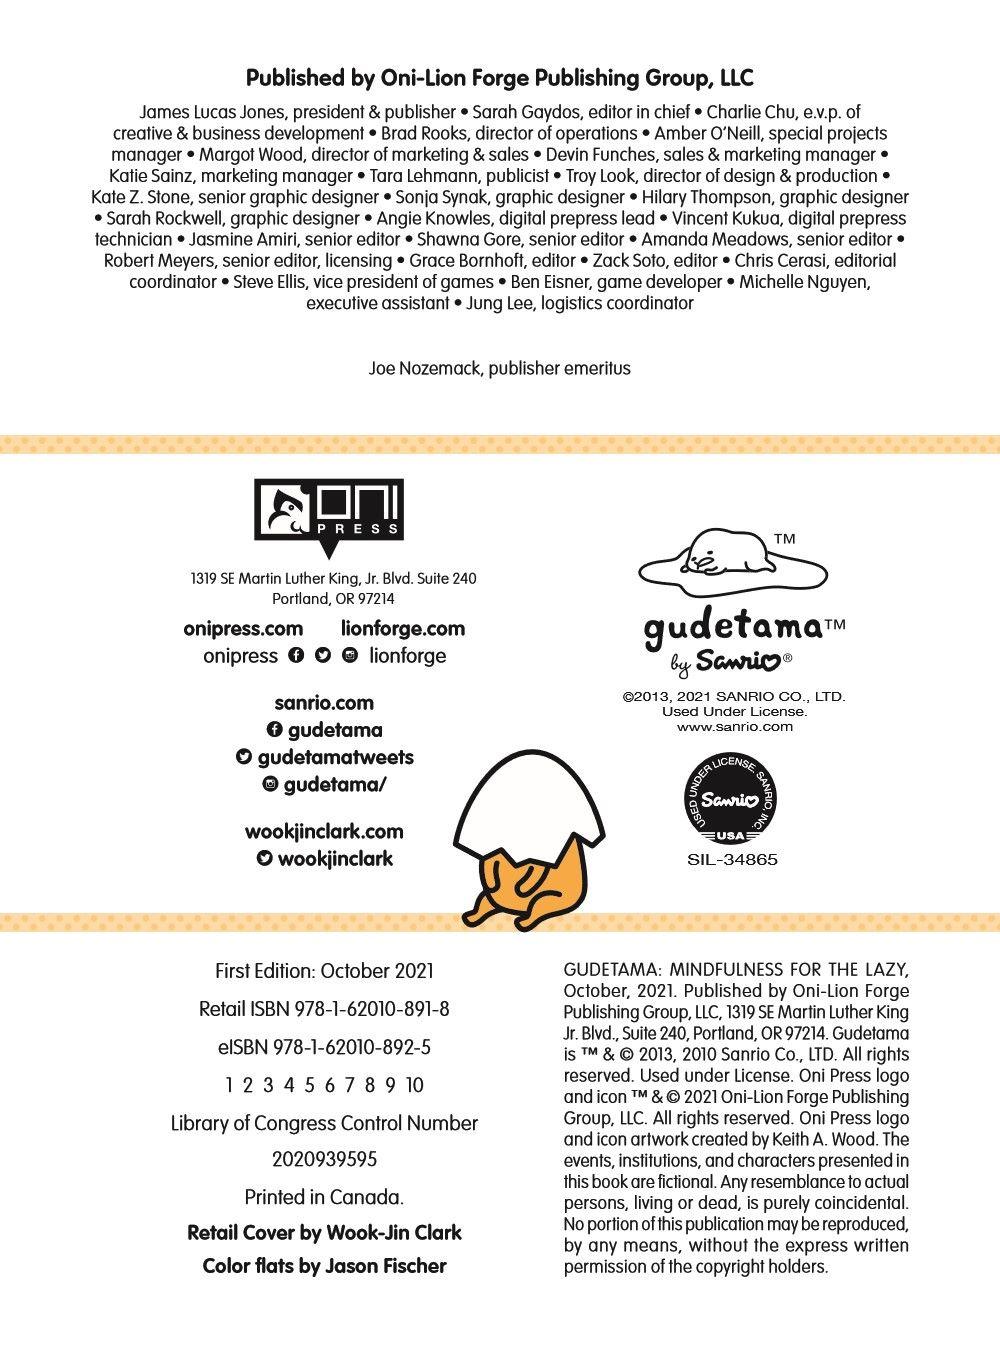 GUDETAMA-V4-MARKETING-05 ComicList Previews: GUDETAMA MINDFULNESS FOR THE LAZY HC